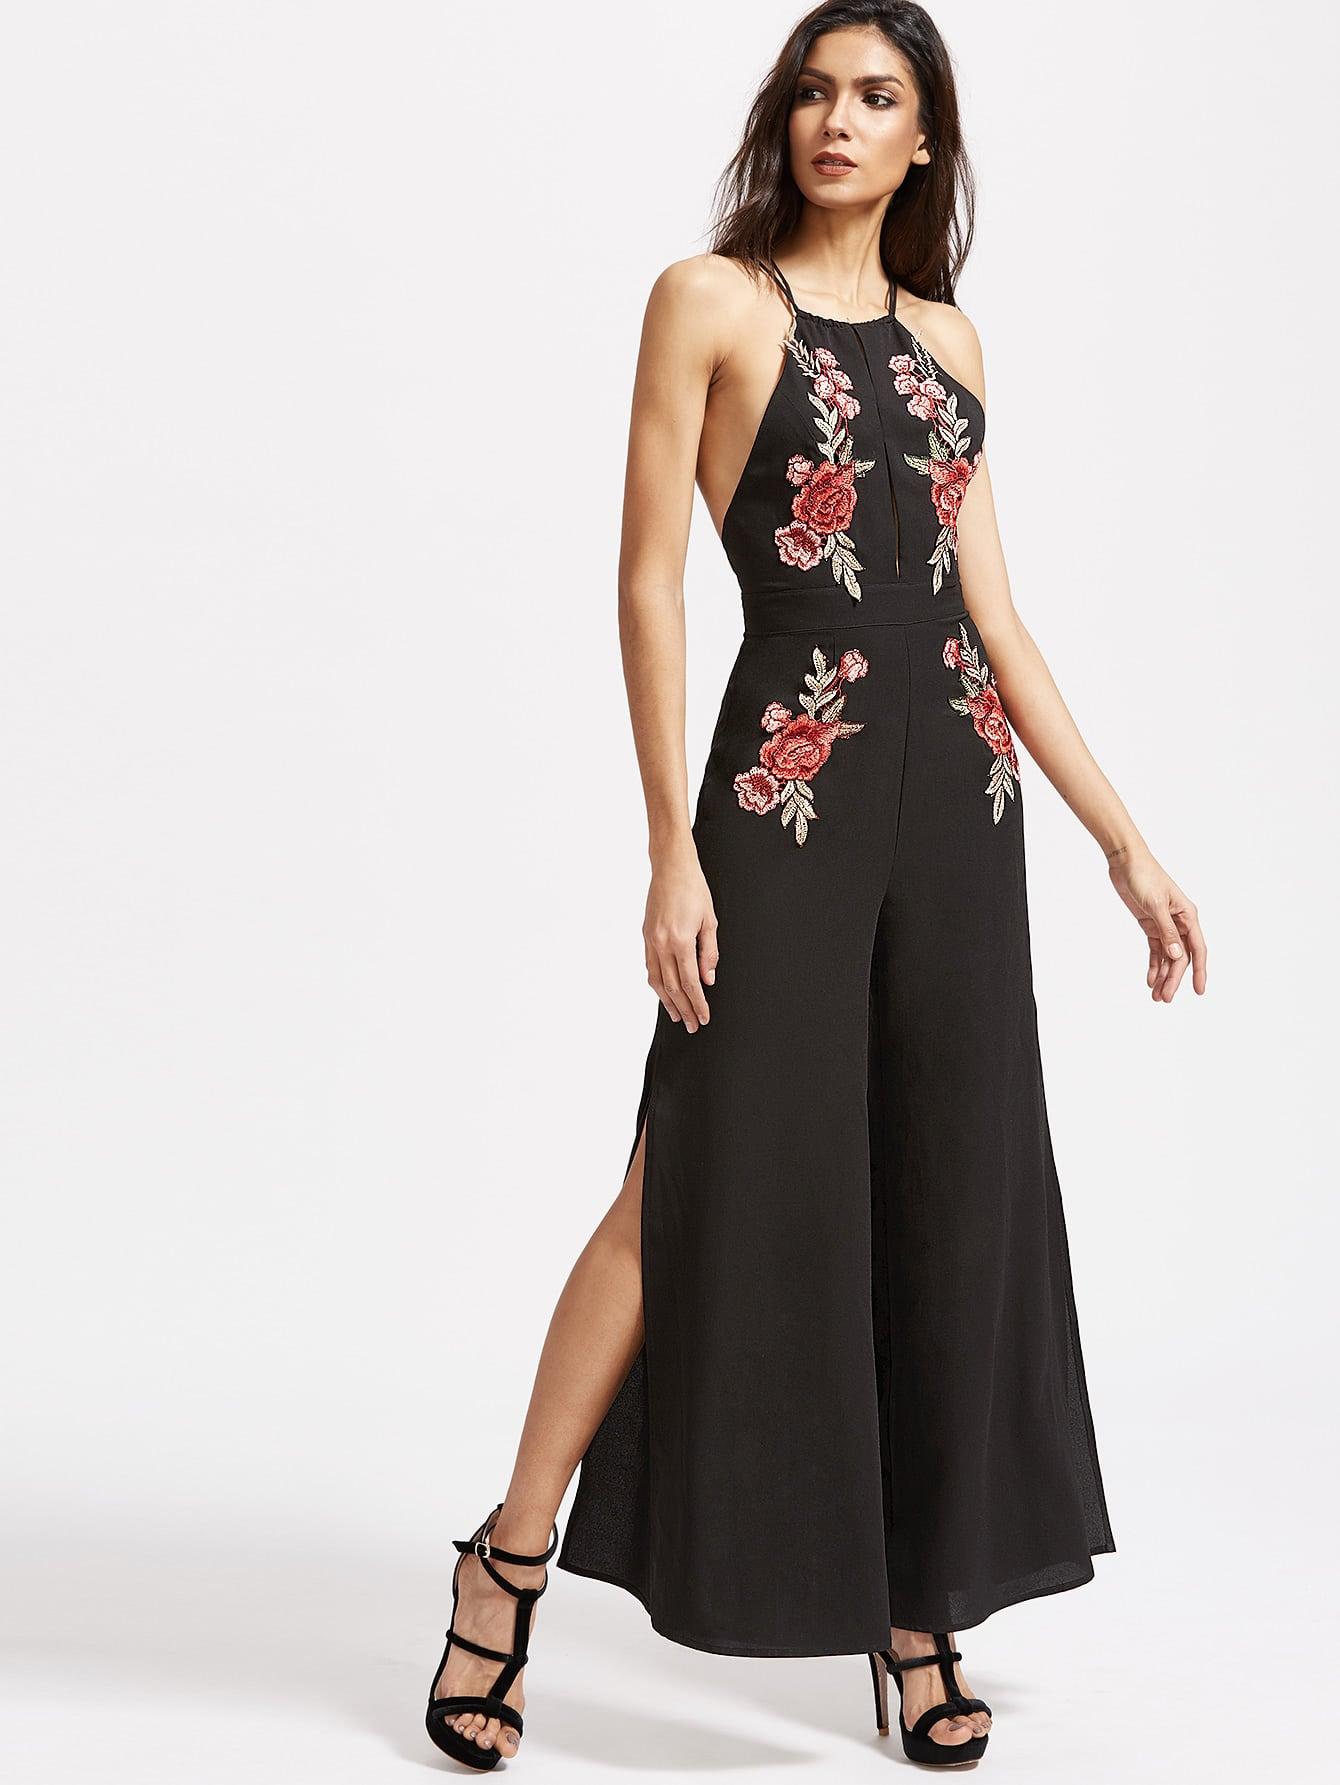 Embroidered Rose Applique Split Front Crisscross Back Jumpsuit embroidered rose applique side split belt dress